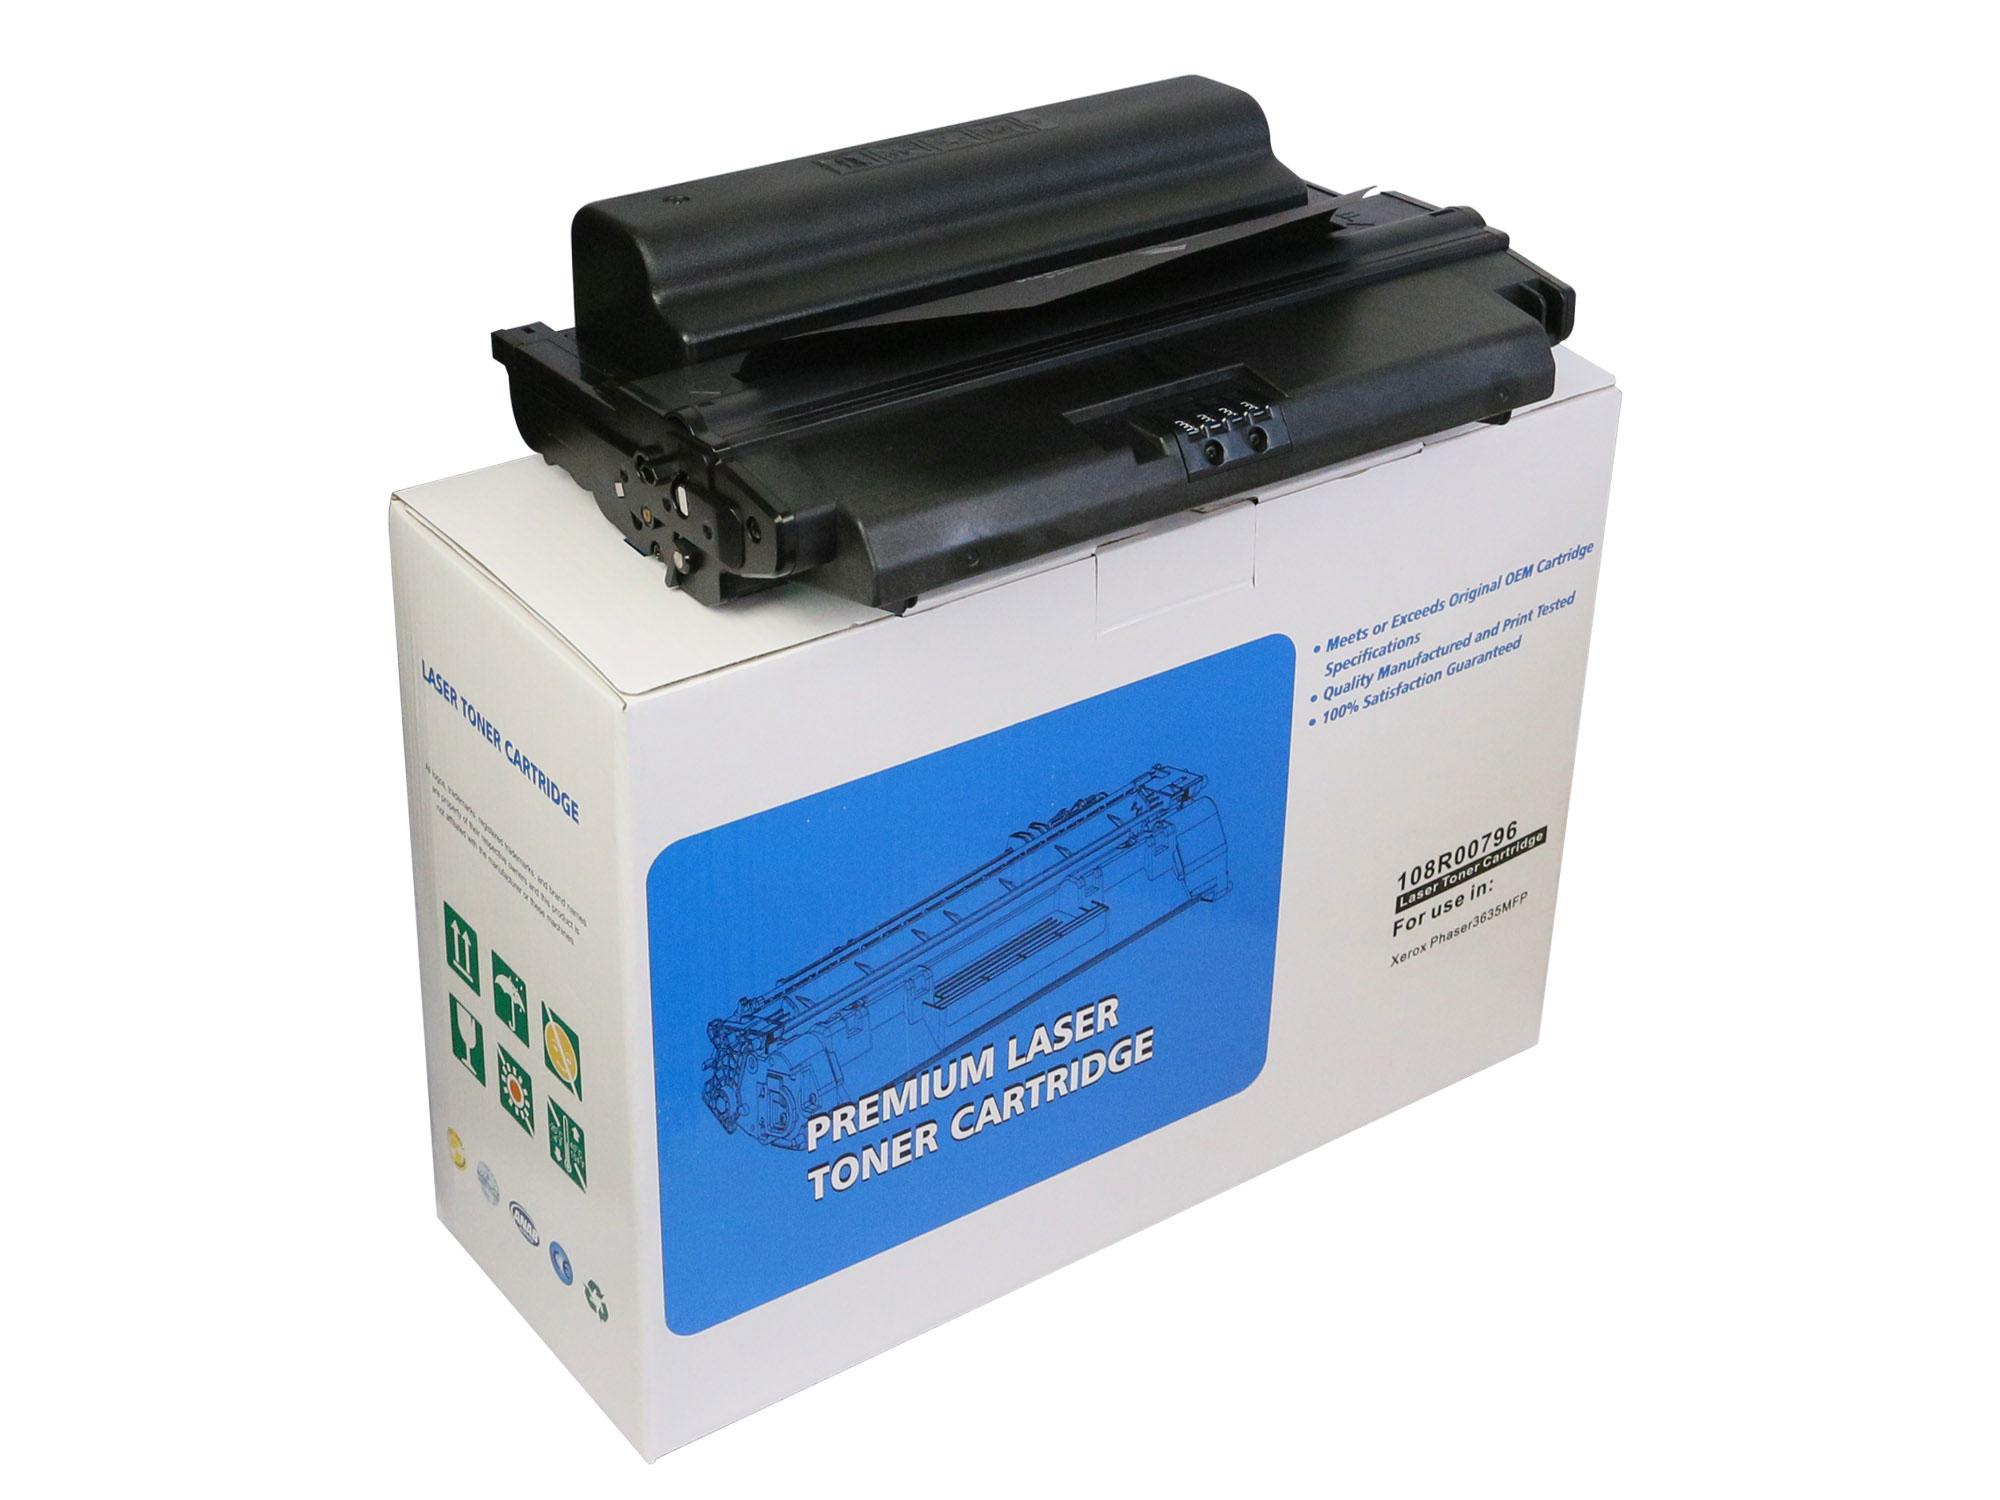 108R00796 Toner Cartridge for Xerox Phaser 3635MFP